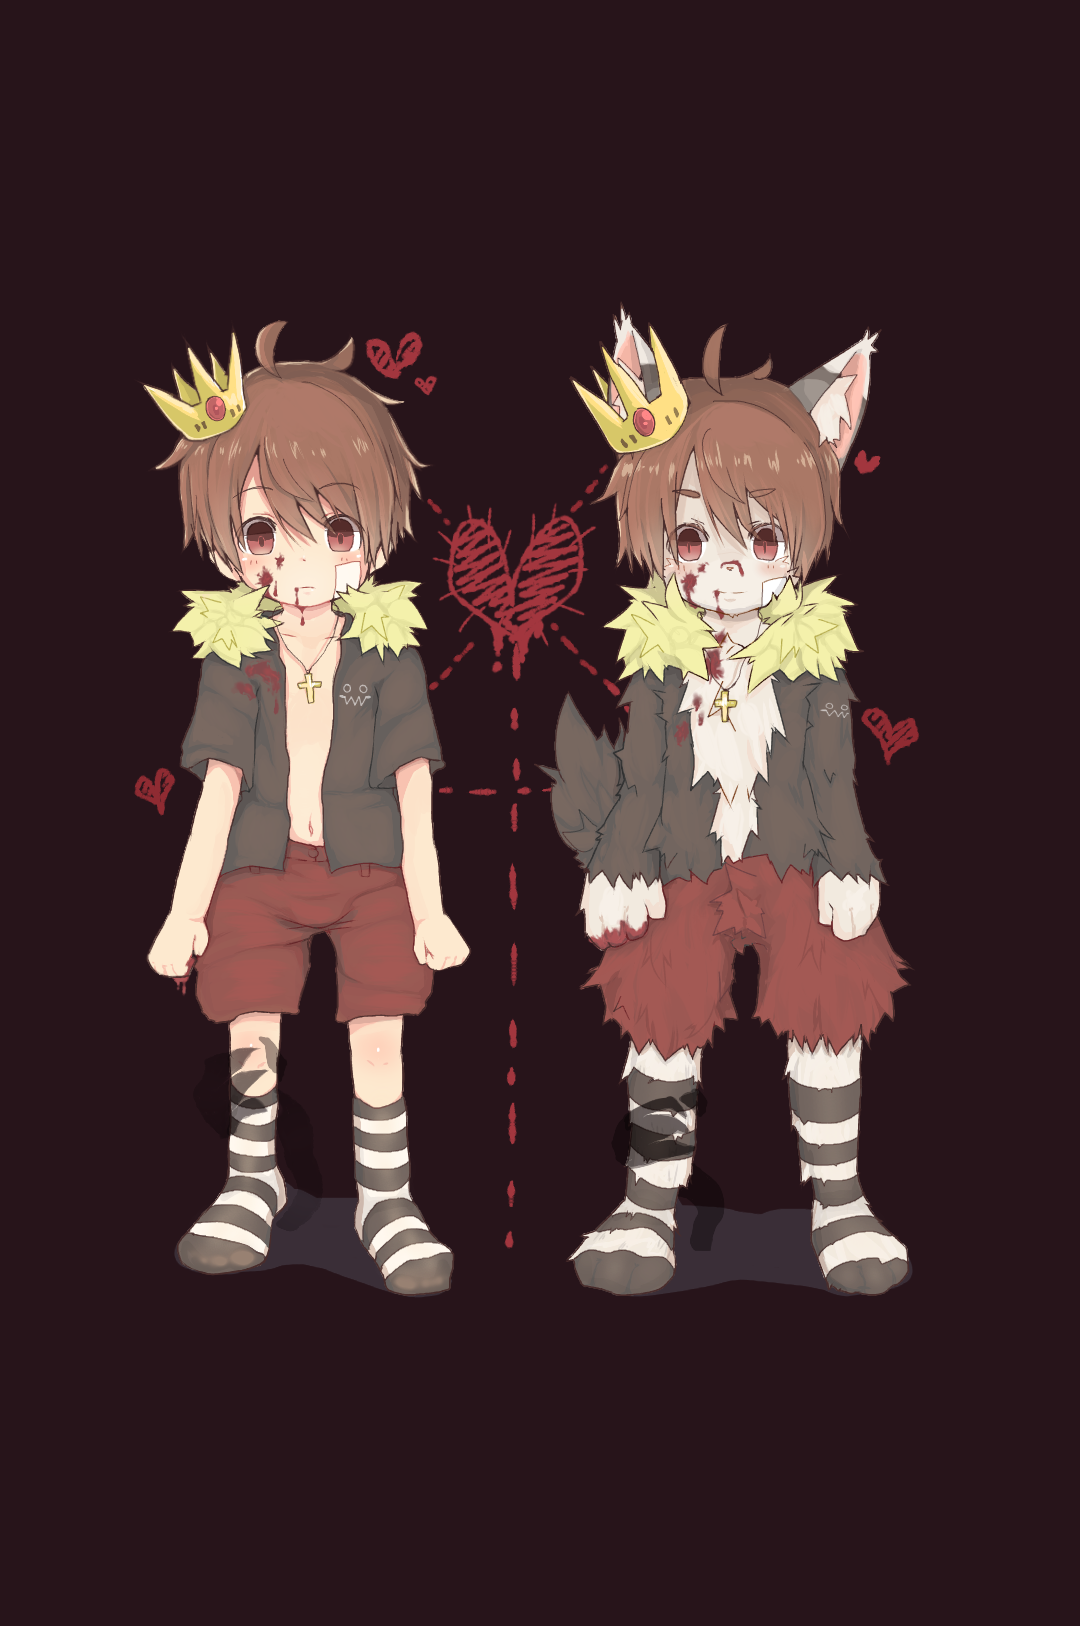 ショタとケモショタ♂